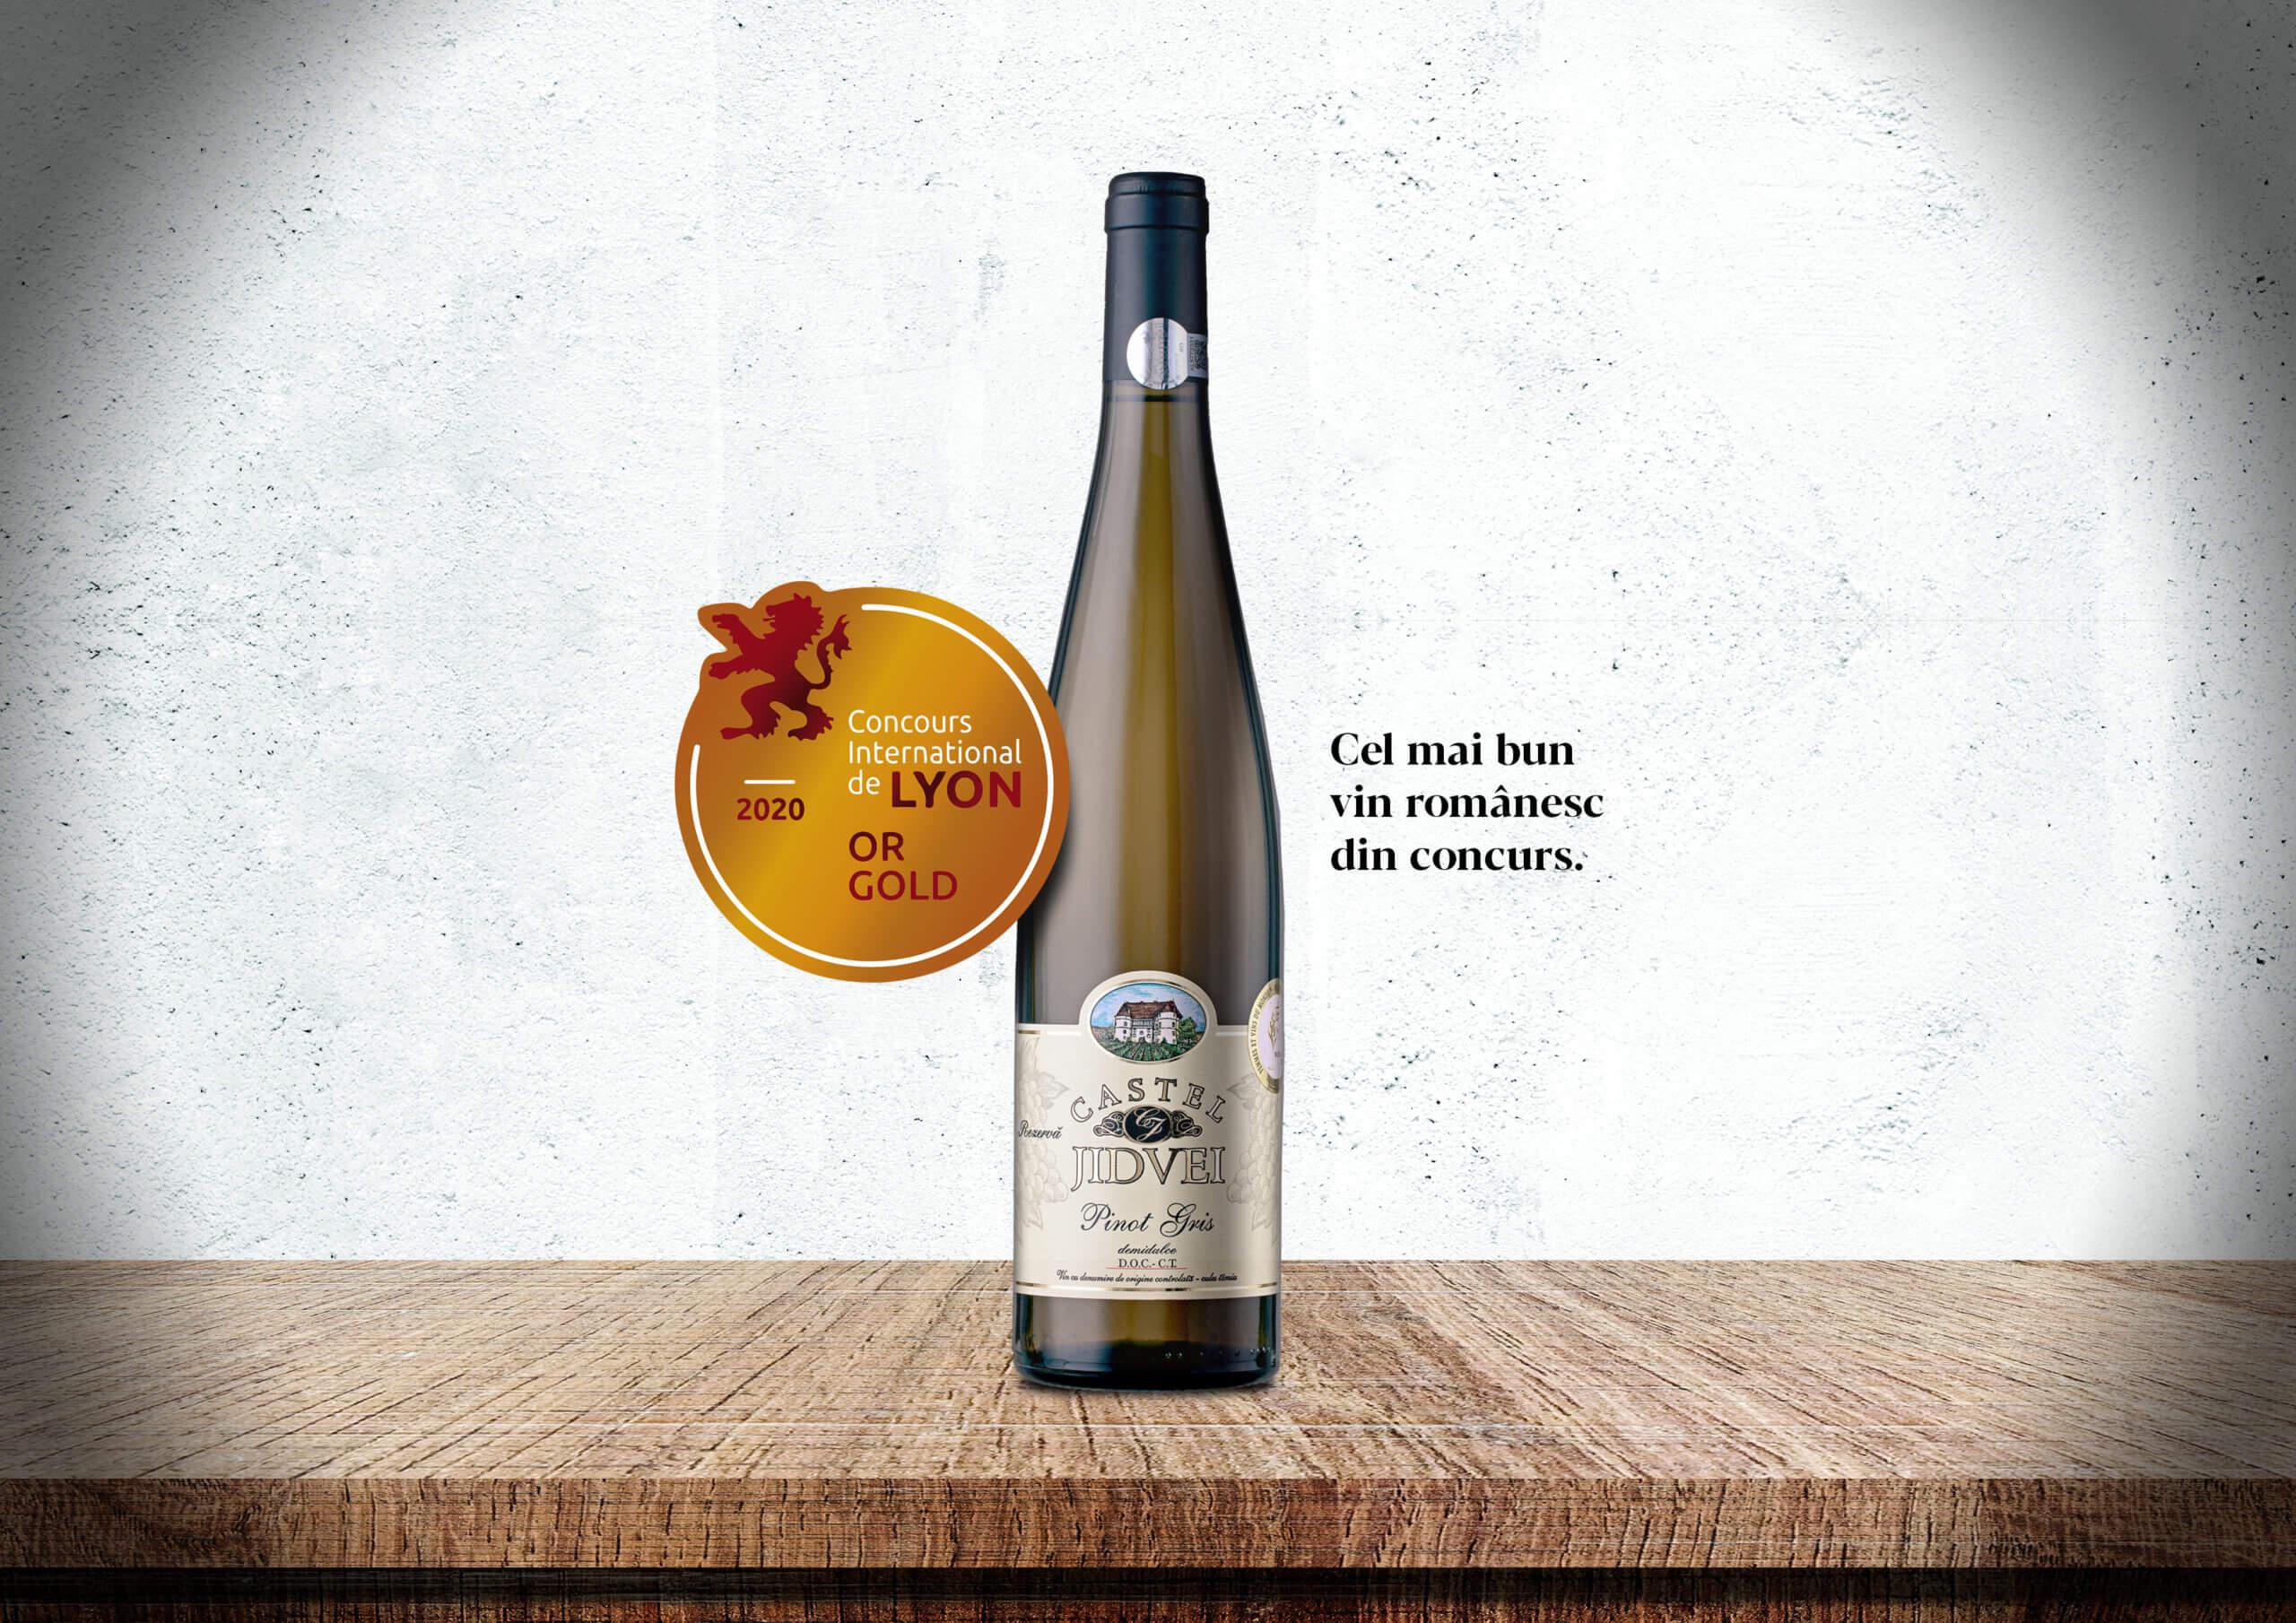 Castel Pinot Gris 2009, desemnat cel mai bun vin românesc în cadrul Concours International de Lyon 2020